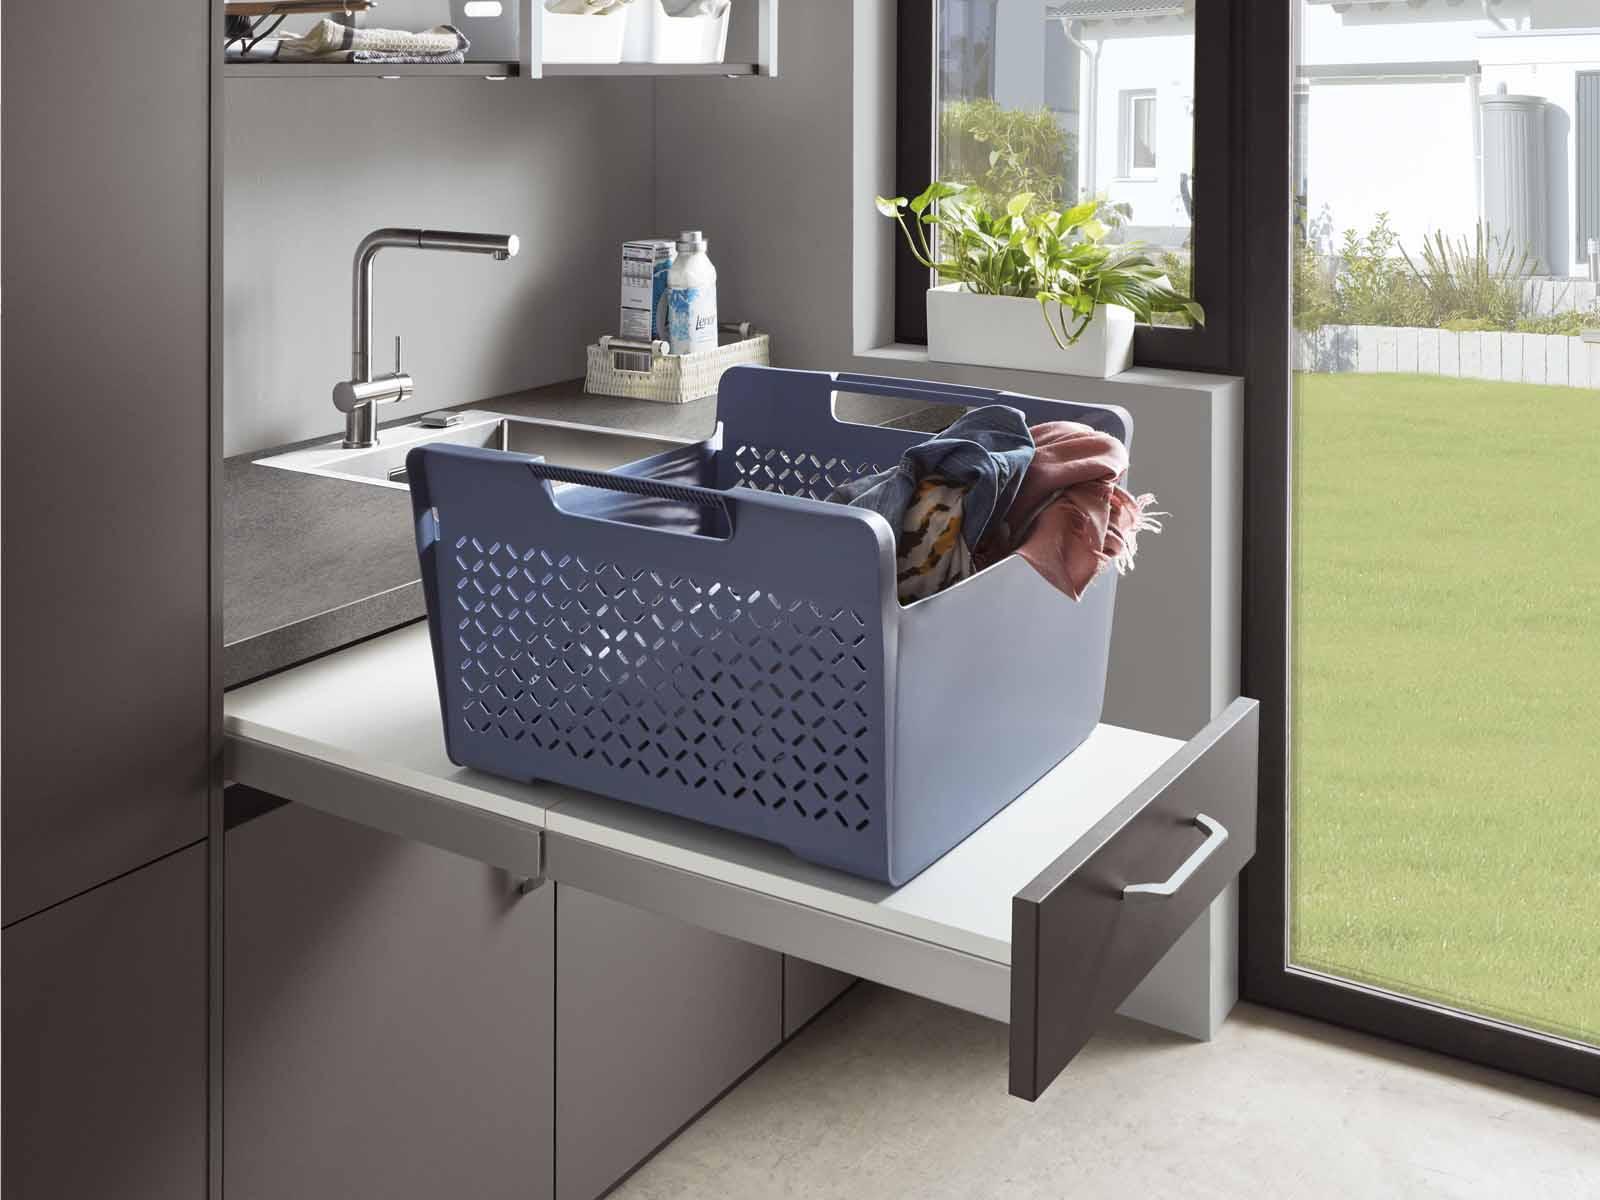 Modern Kitchen Küchentime Touch 334